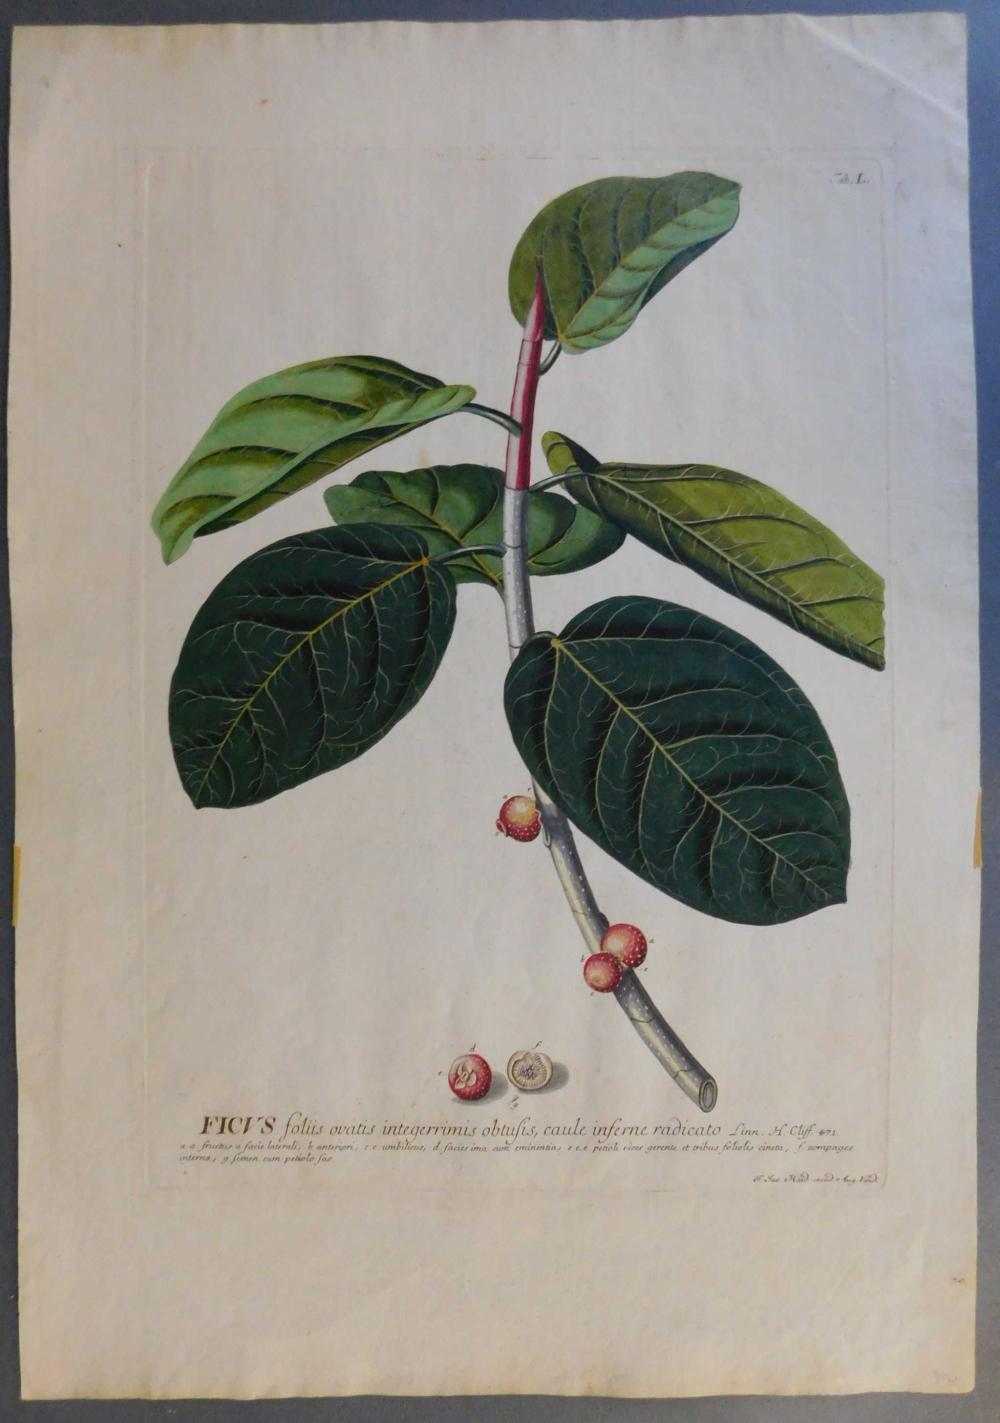 Ficus foliis ovatis integerrimis... [1750-1773].